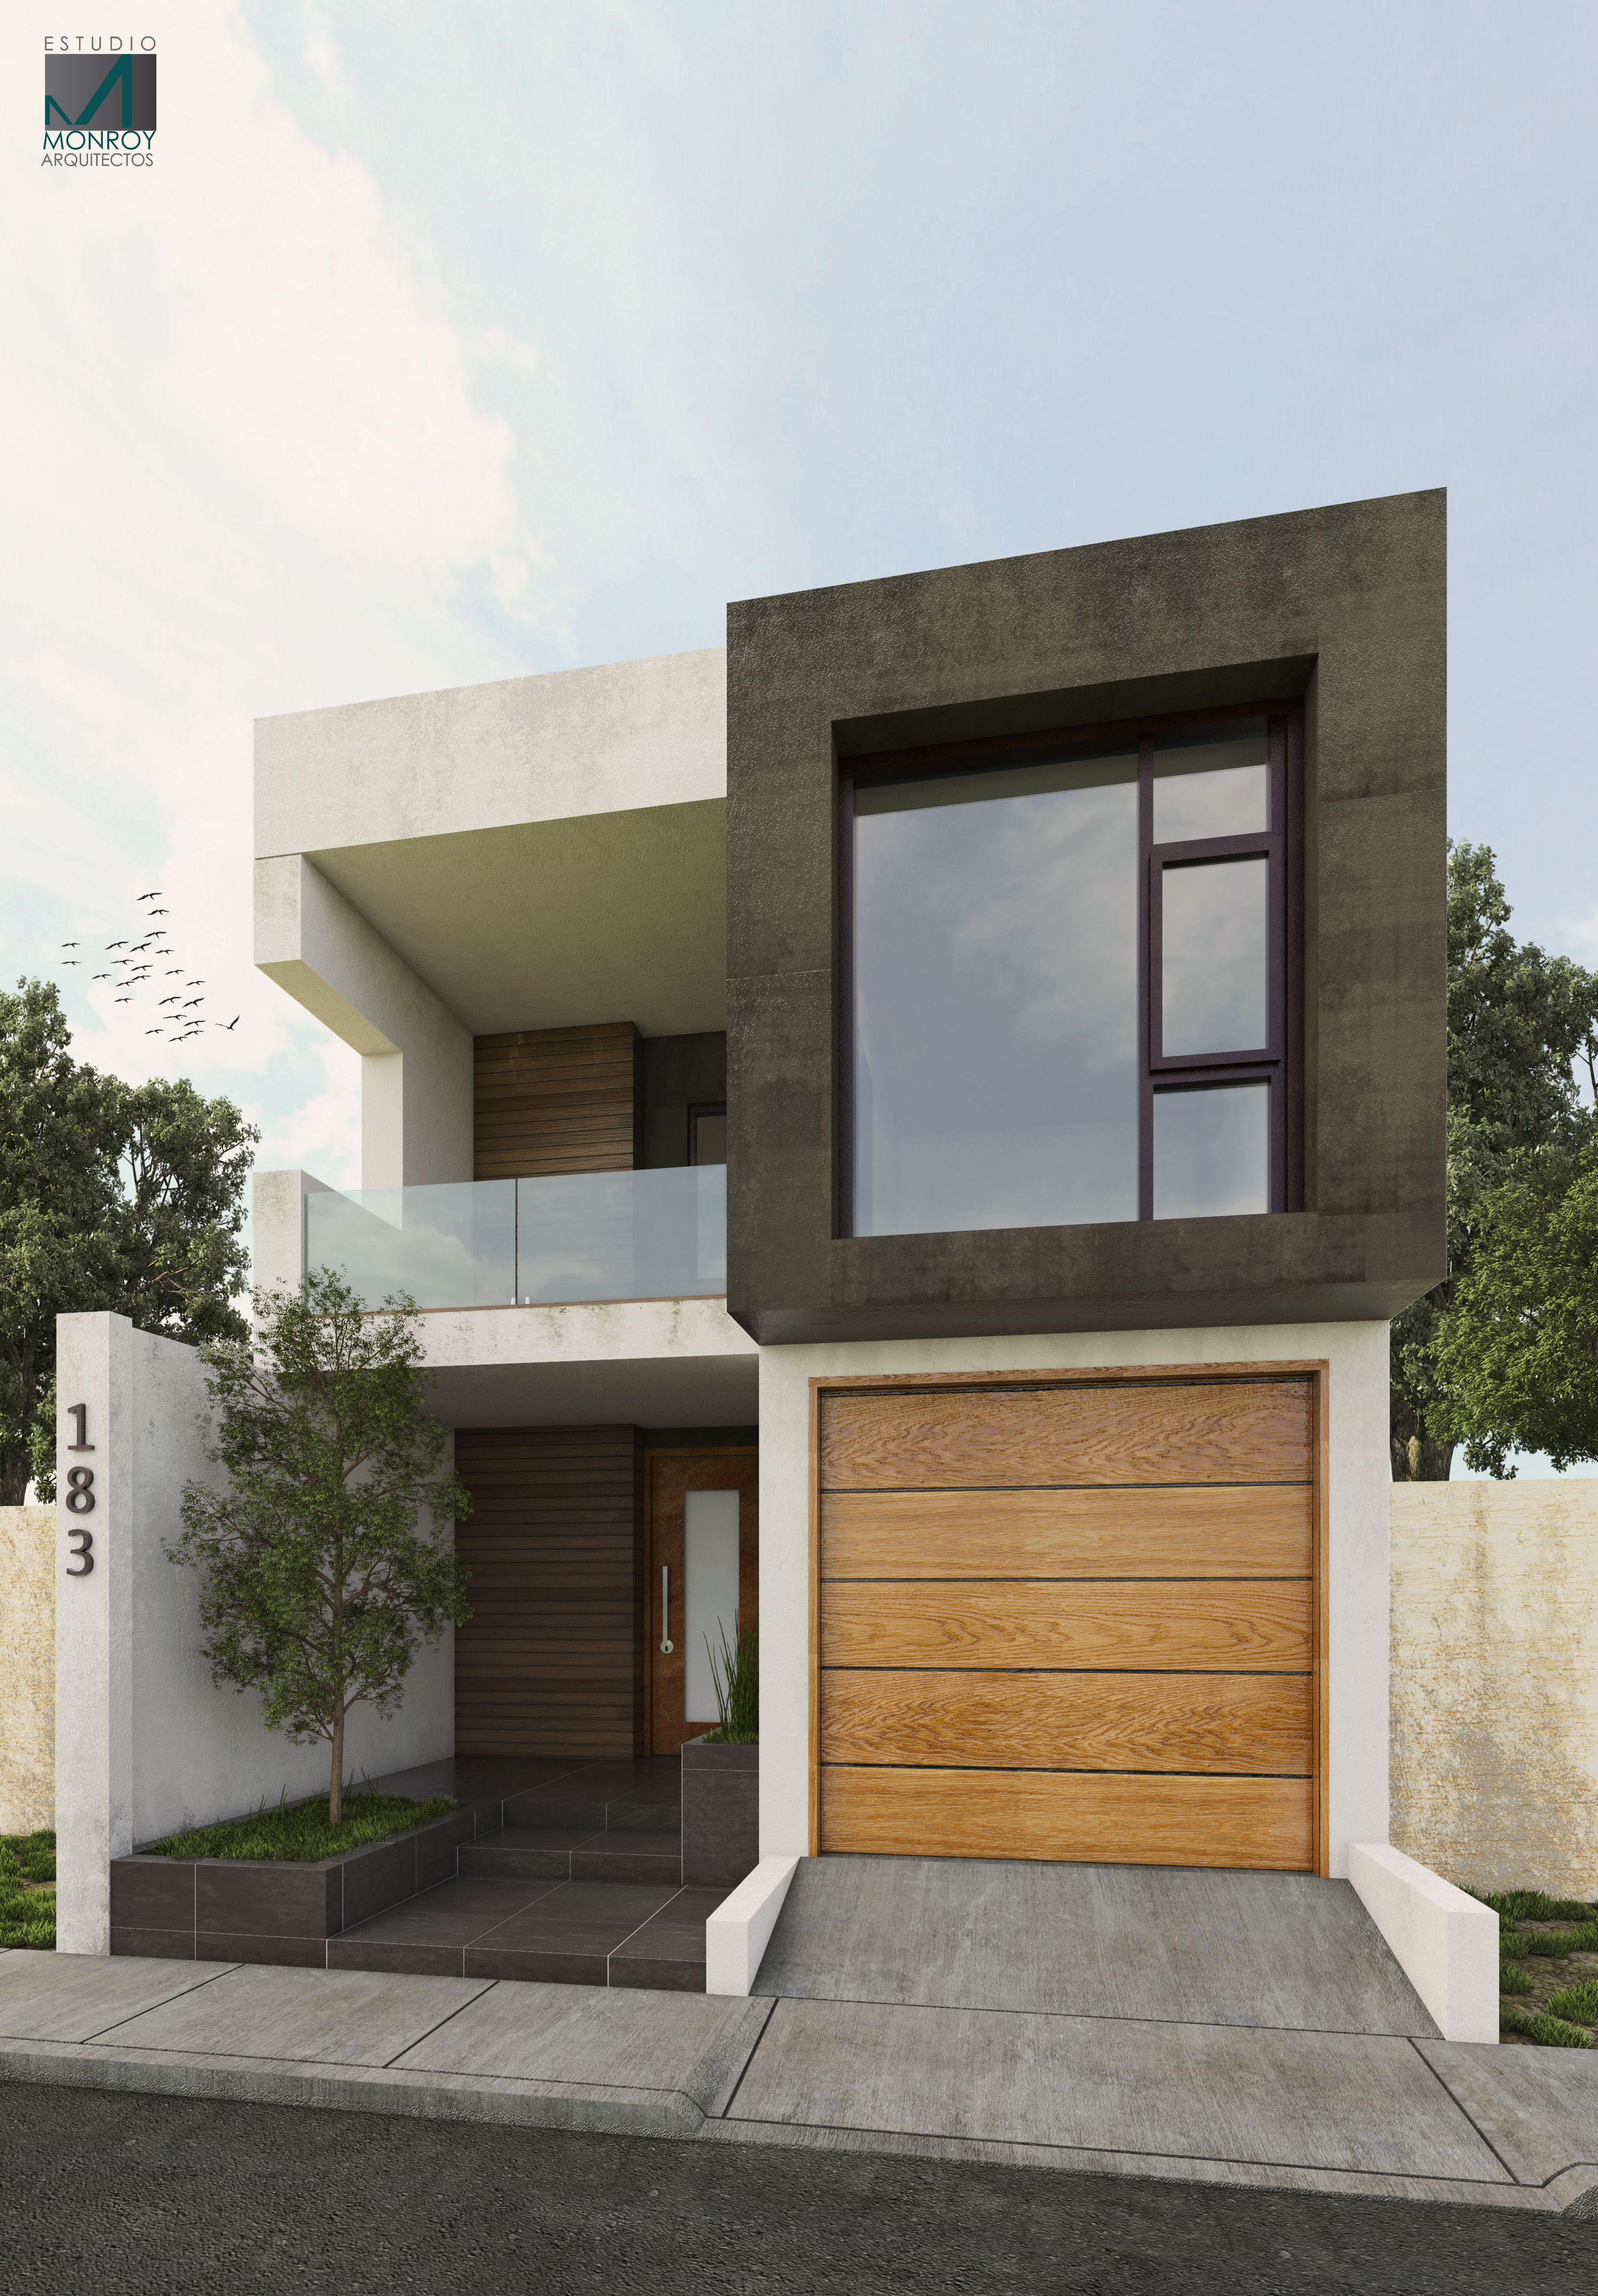 Projeto remodelaci n fachada contempor nea estudio for Remodelacion de casas